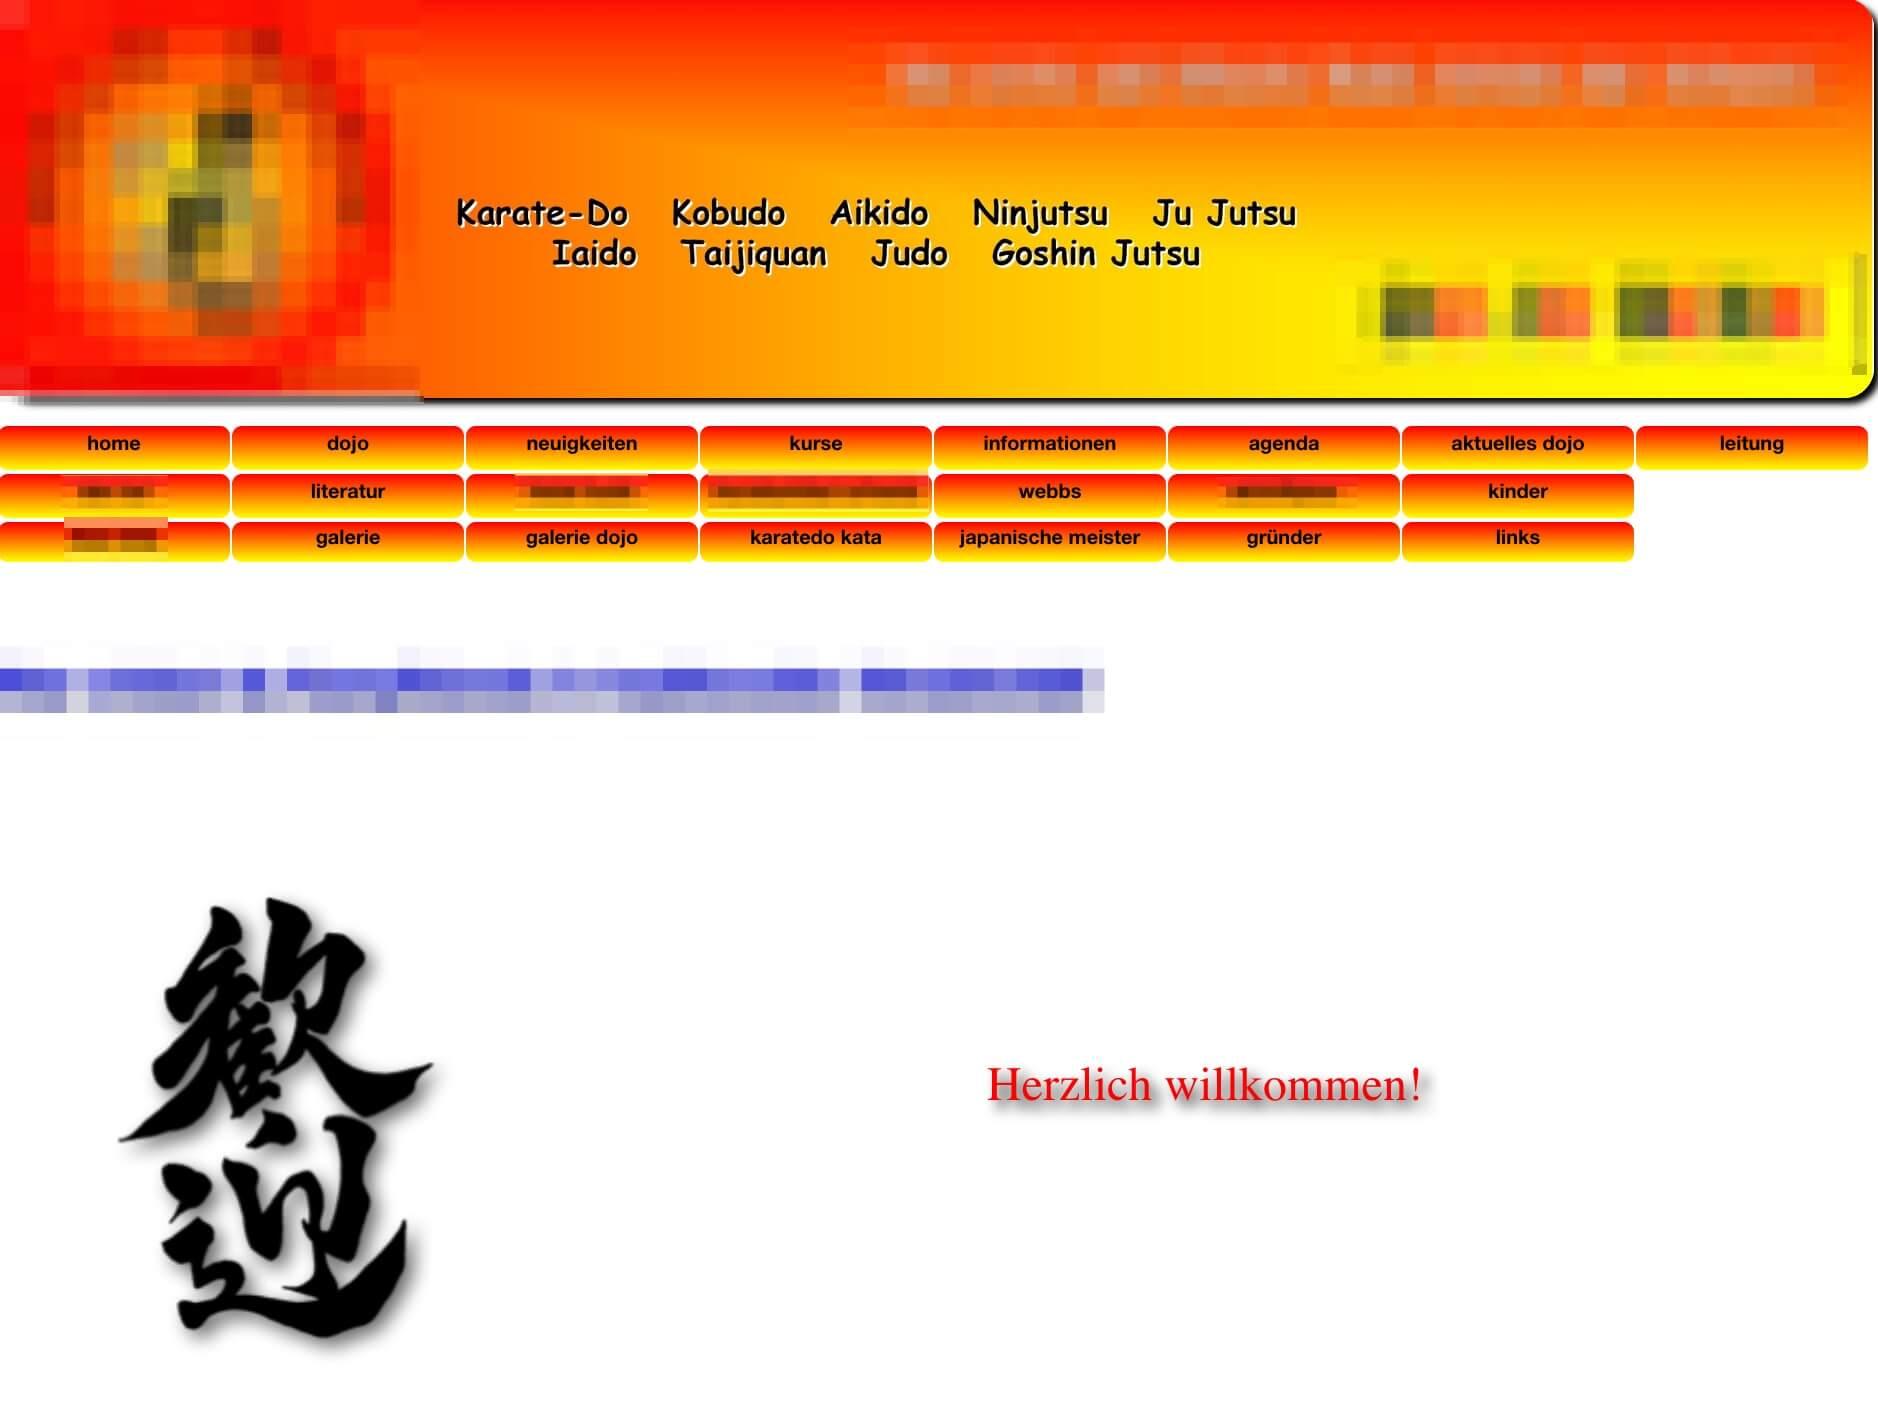 Veraltete Kampfsport Webseite mit beinahe zwei Dutzend Navigationspunkten